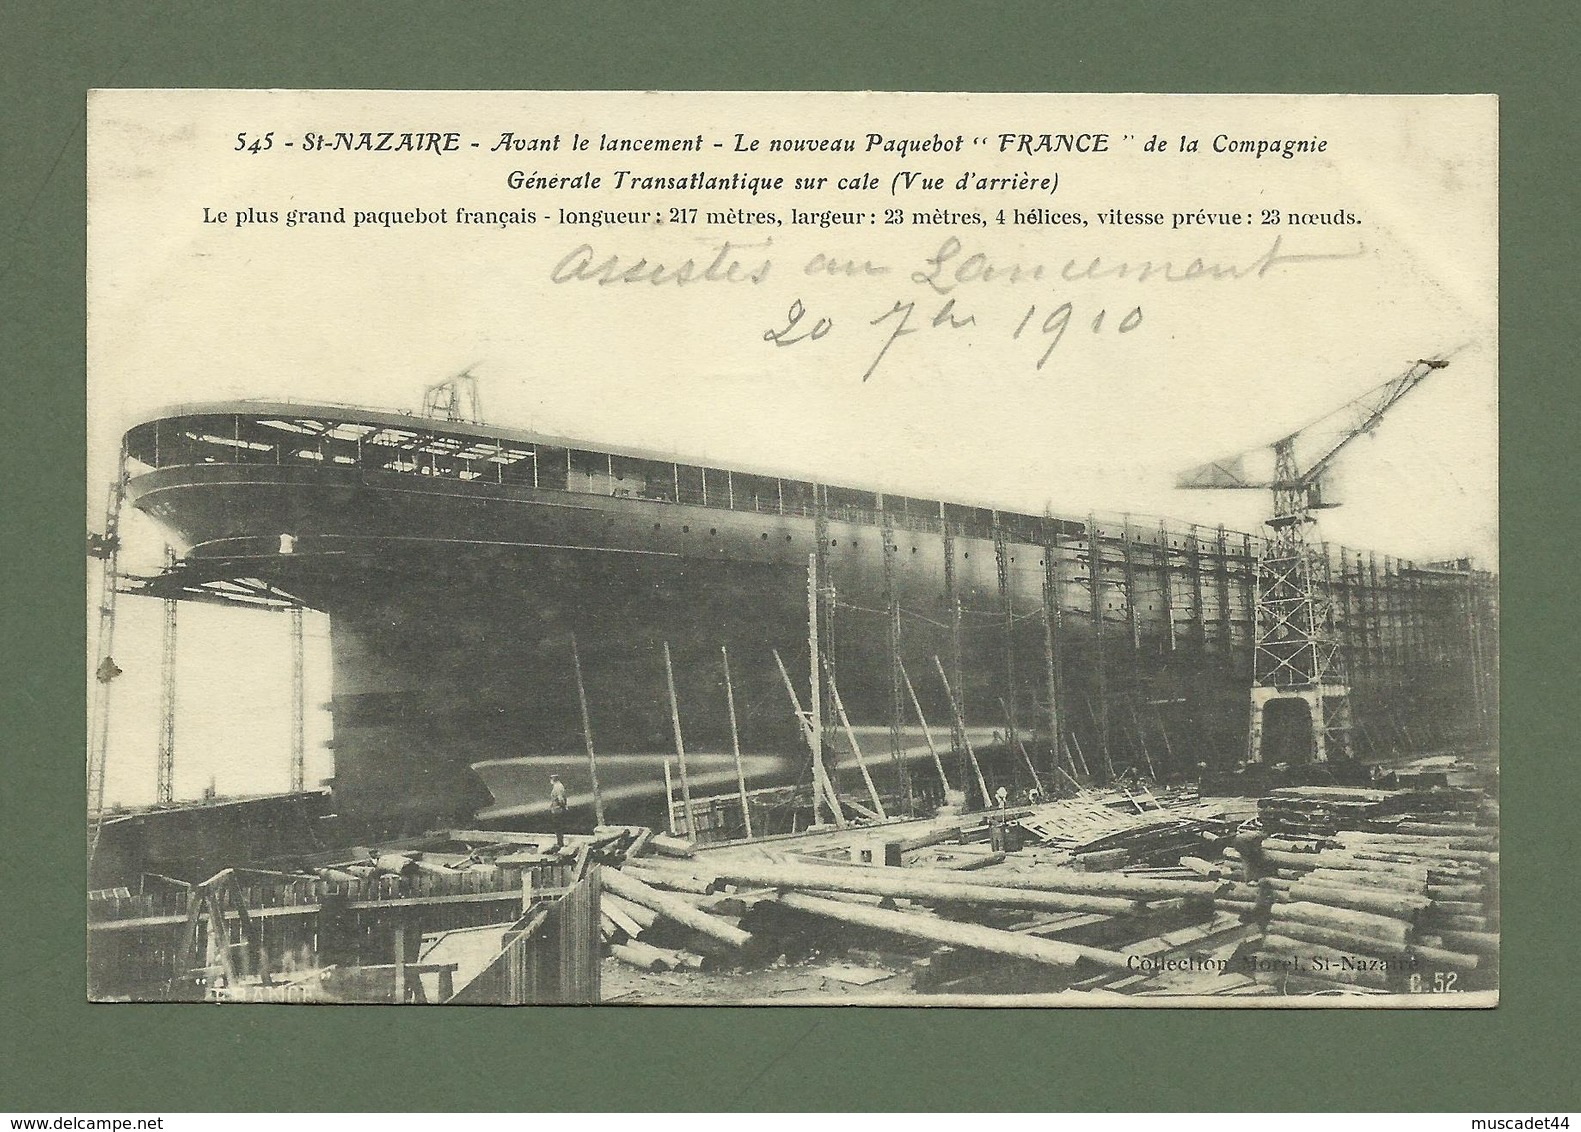 CARTE POSTALE 44 LOIRE ATLANTIQUE SAINT NAZAIRE AVANT LE LANCEMENT LE NOUVEAU PAQUEBOT FRANCE DE LA CGT - Saint Nazaire